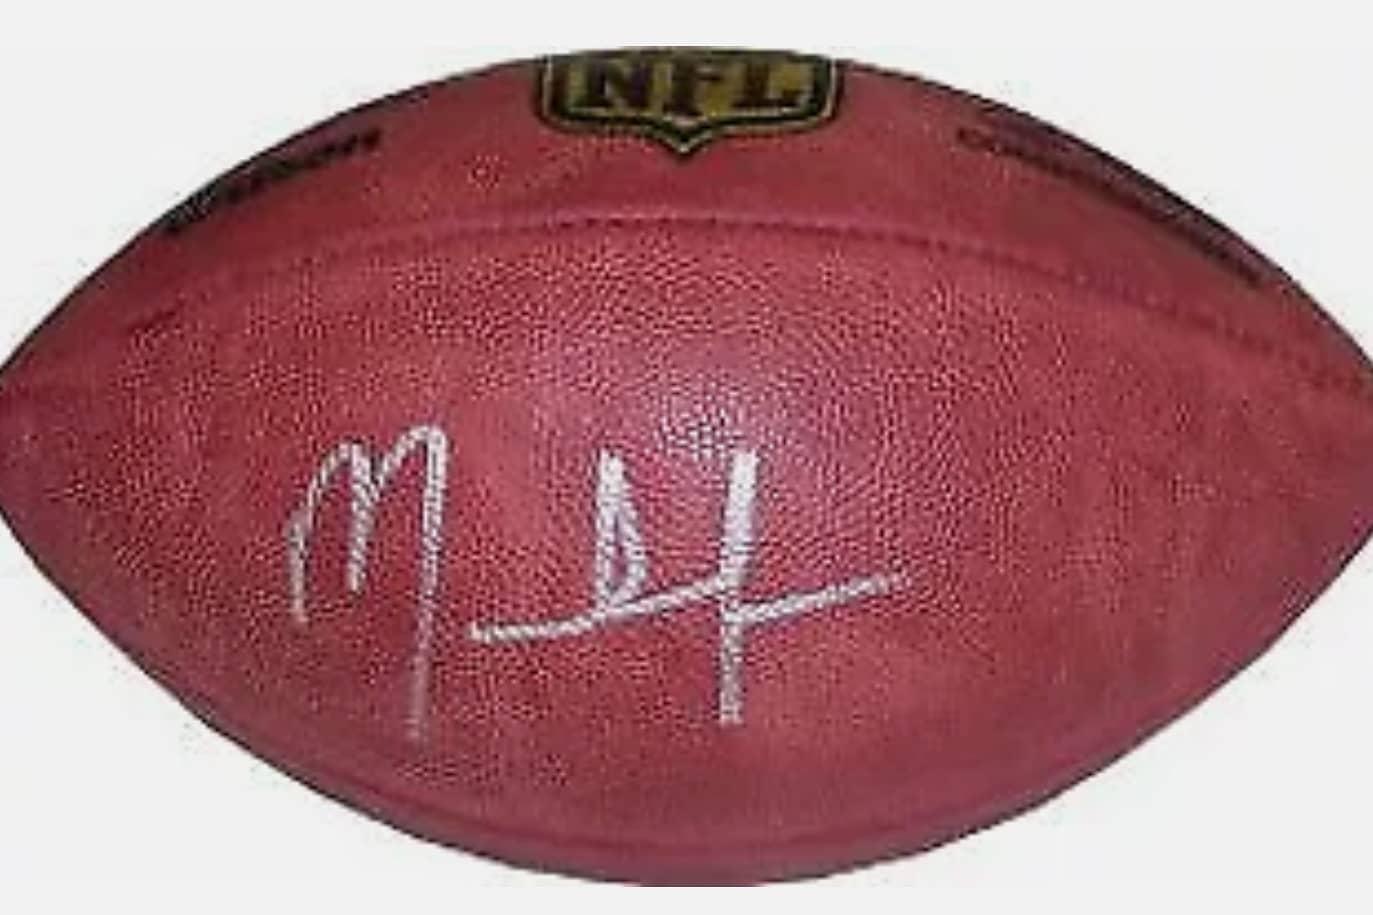 MARK INGRAM SIGNED WILSON NFL FOOTBALL(PSA)